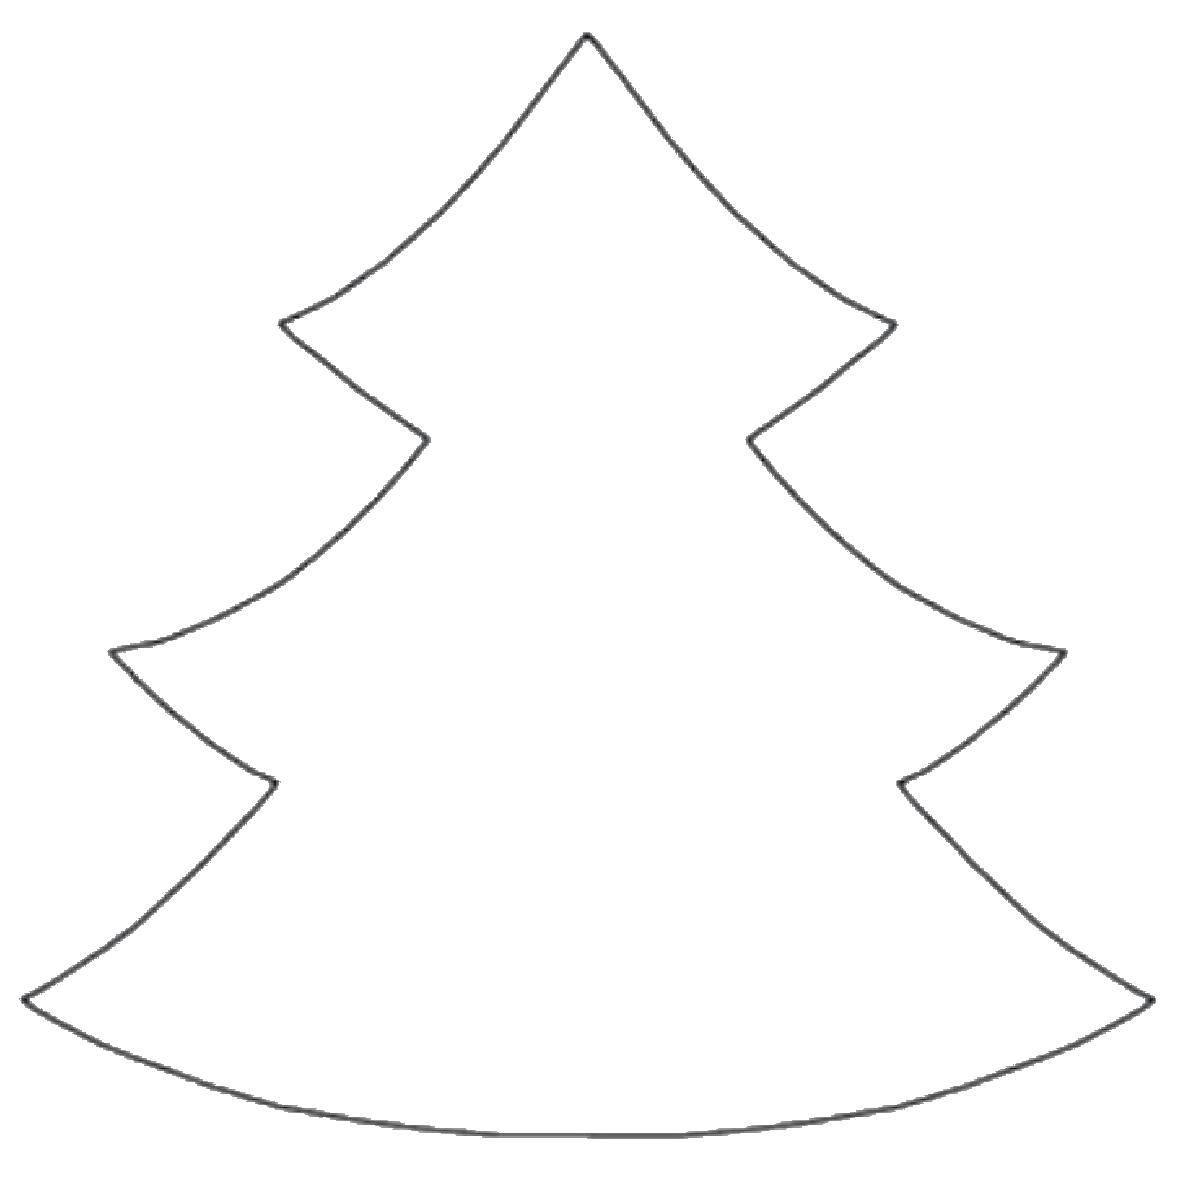 Название: Раскраска Контур елки. Категория: Контур дерева. Теги: контру, елка.